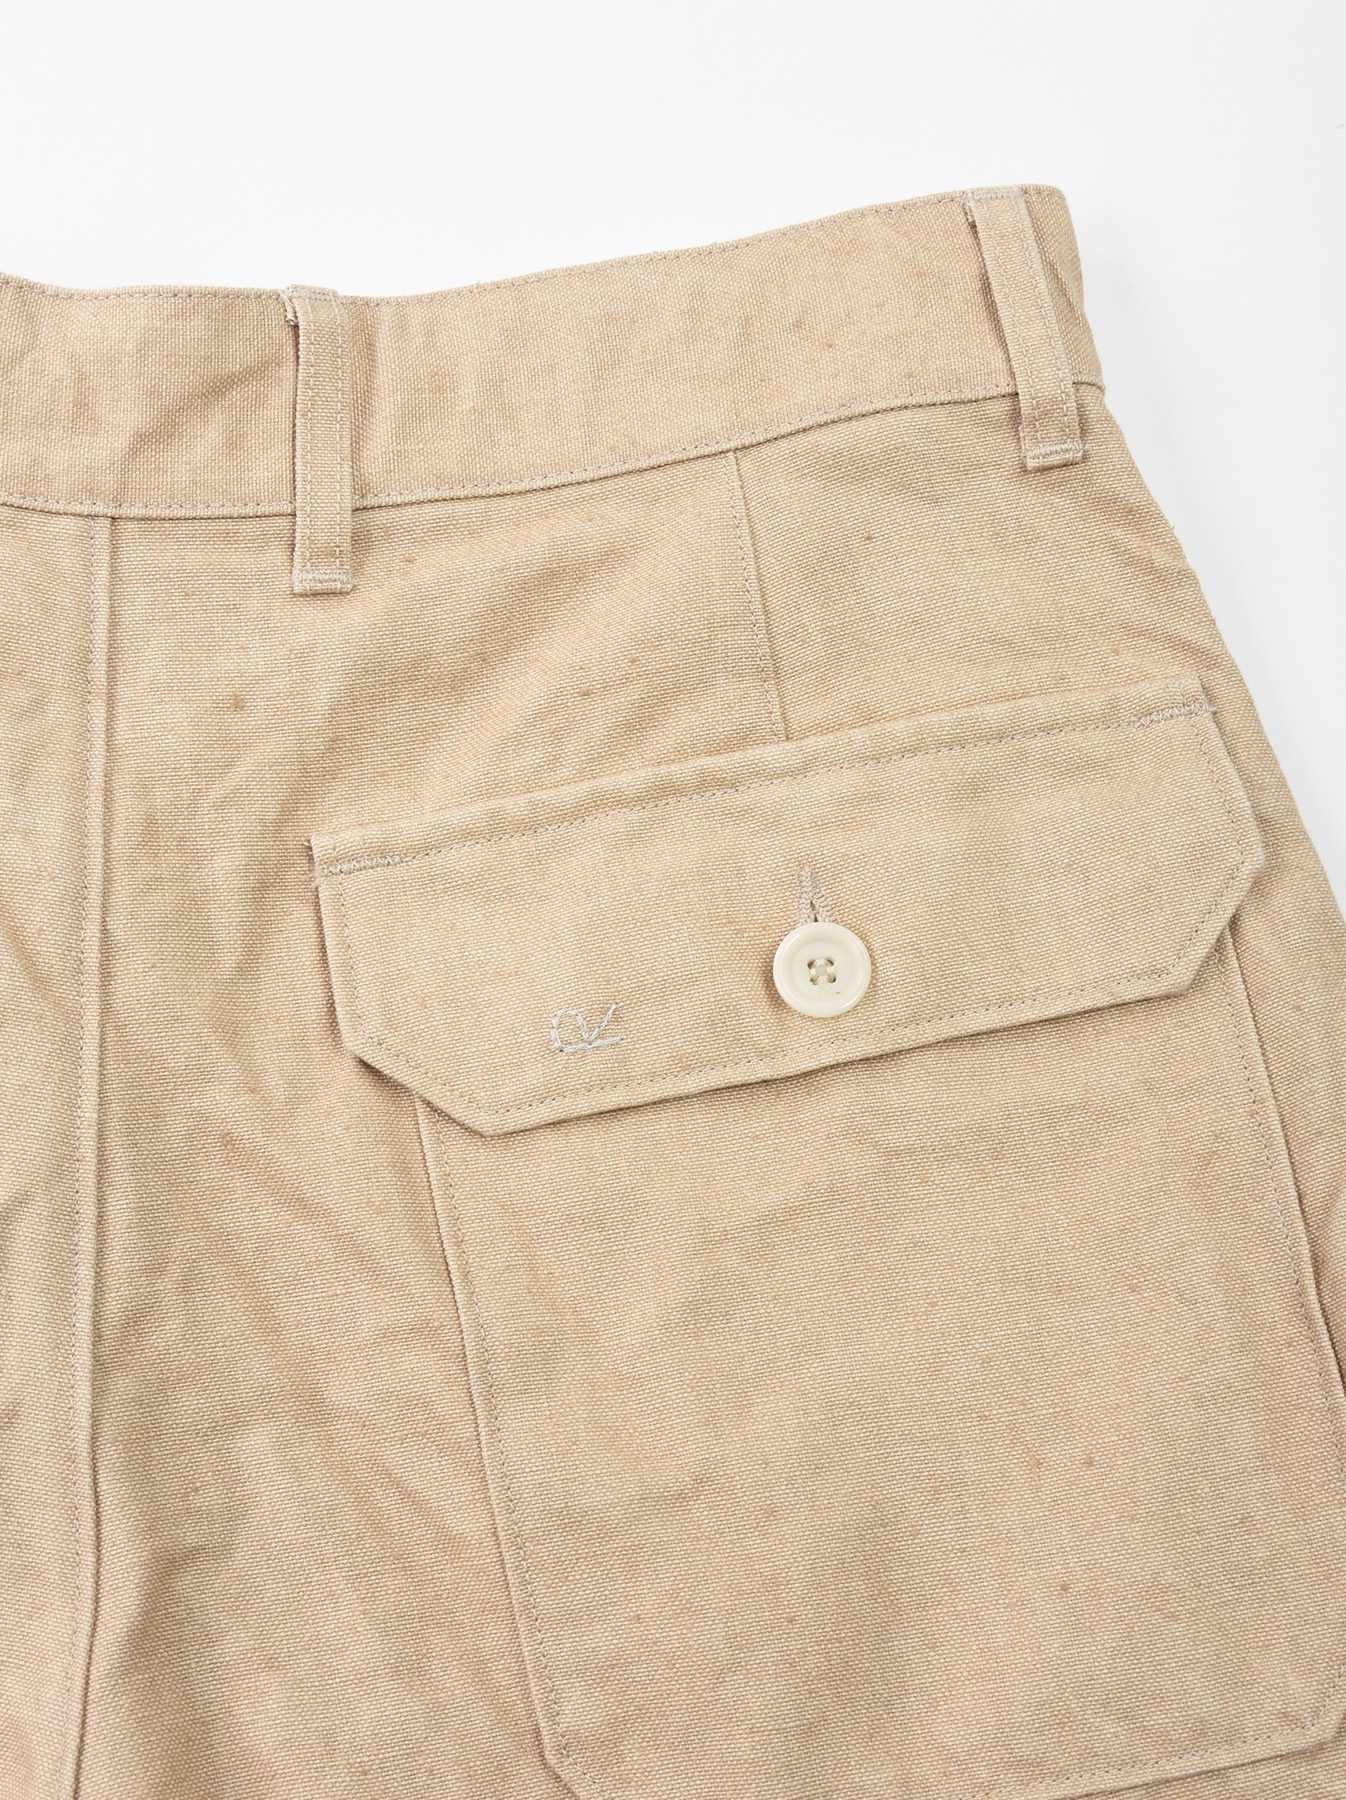 Linen Duck 908 Baker Pants-12